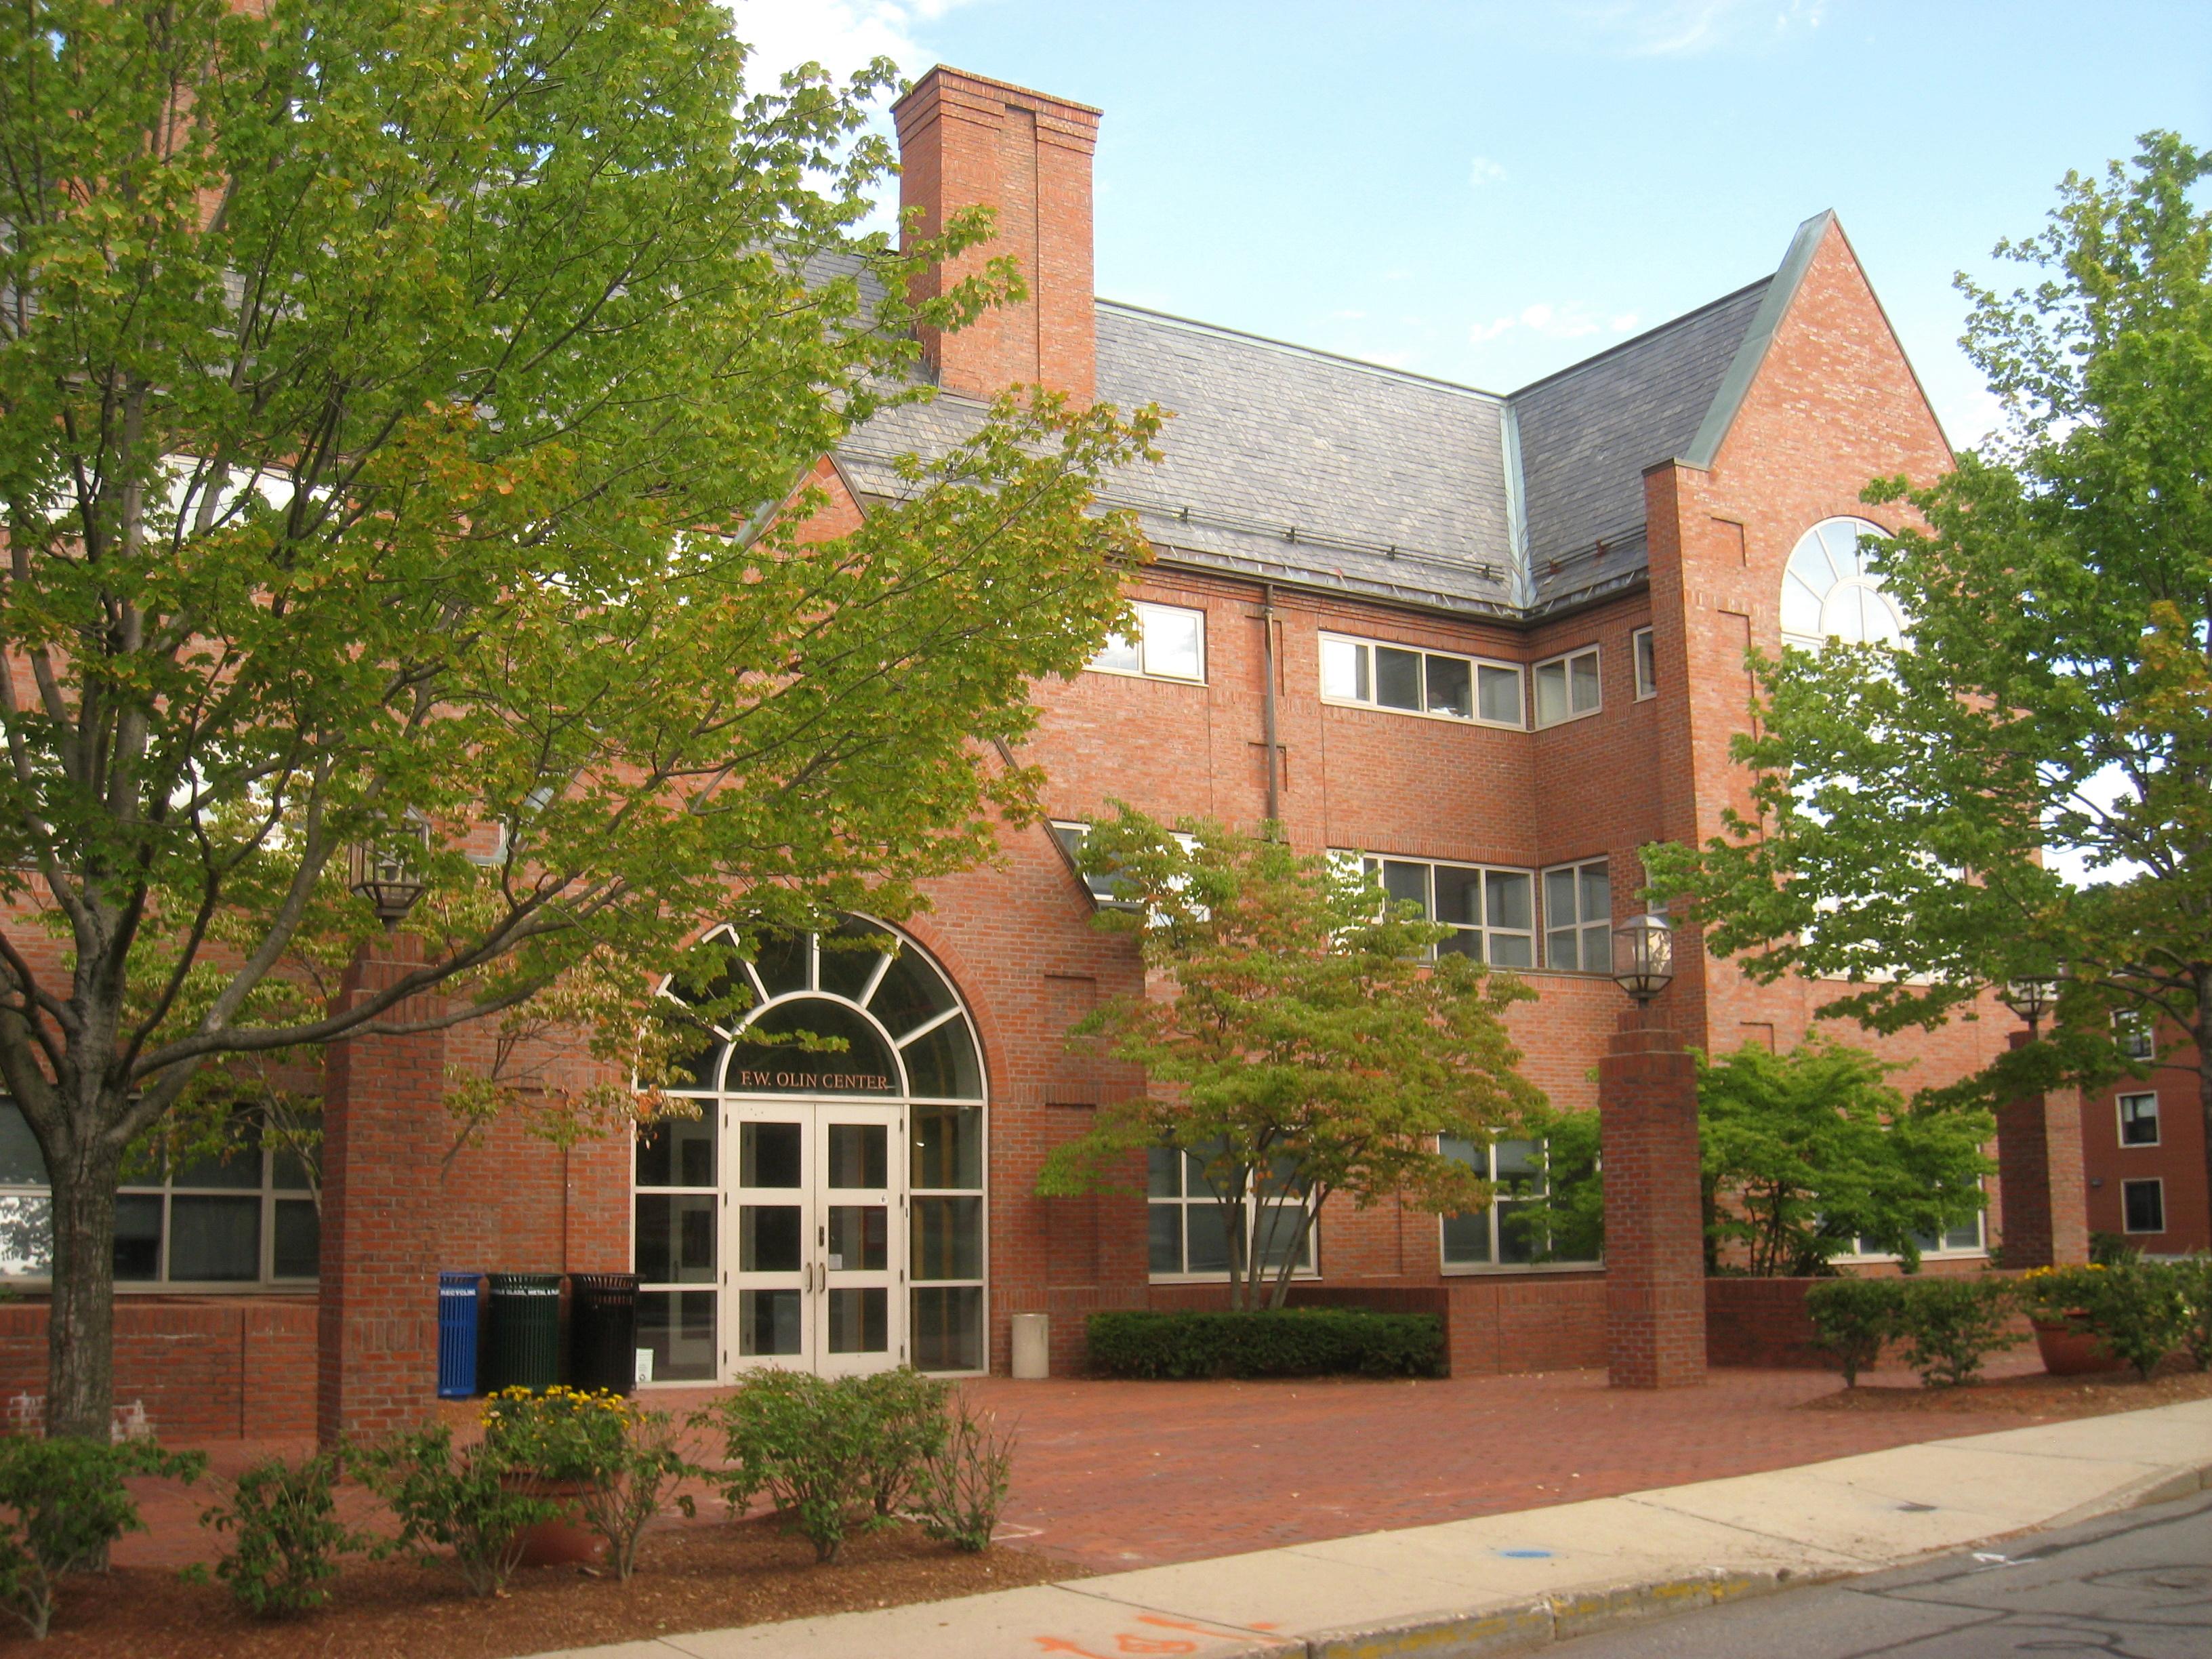 fileolin center tufts university img 0921jpg